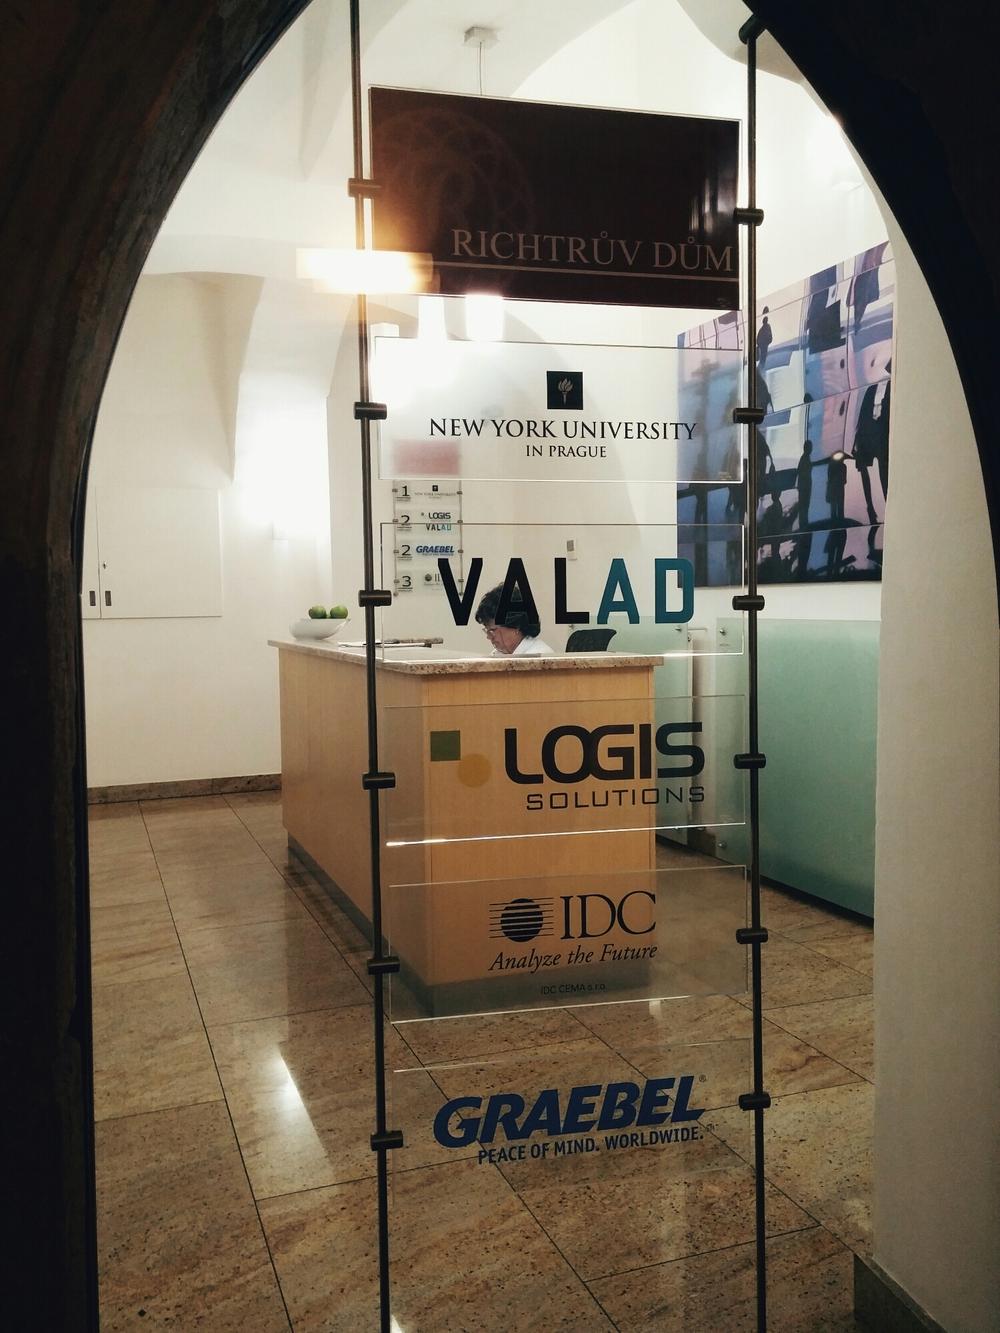 {NYU in Prague!}